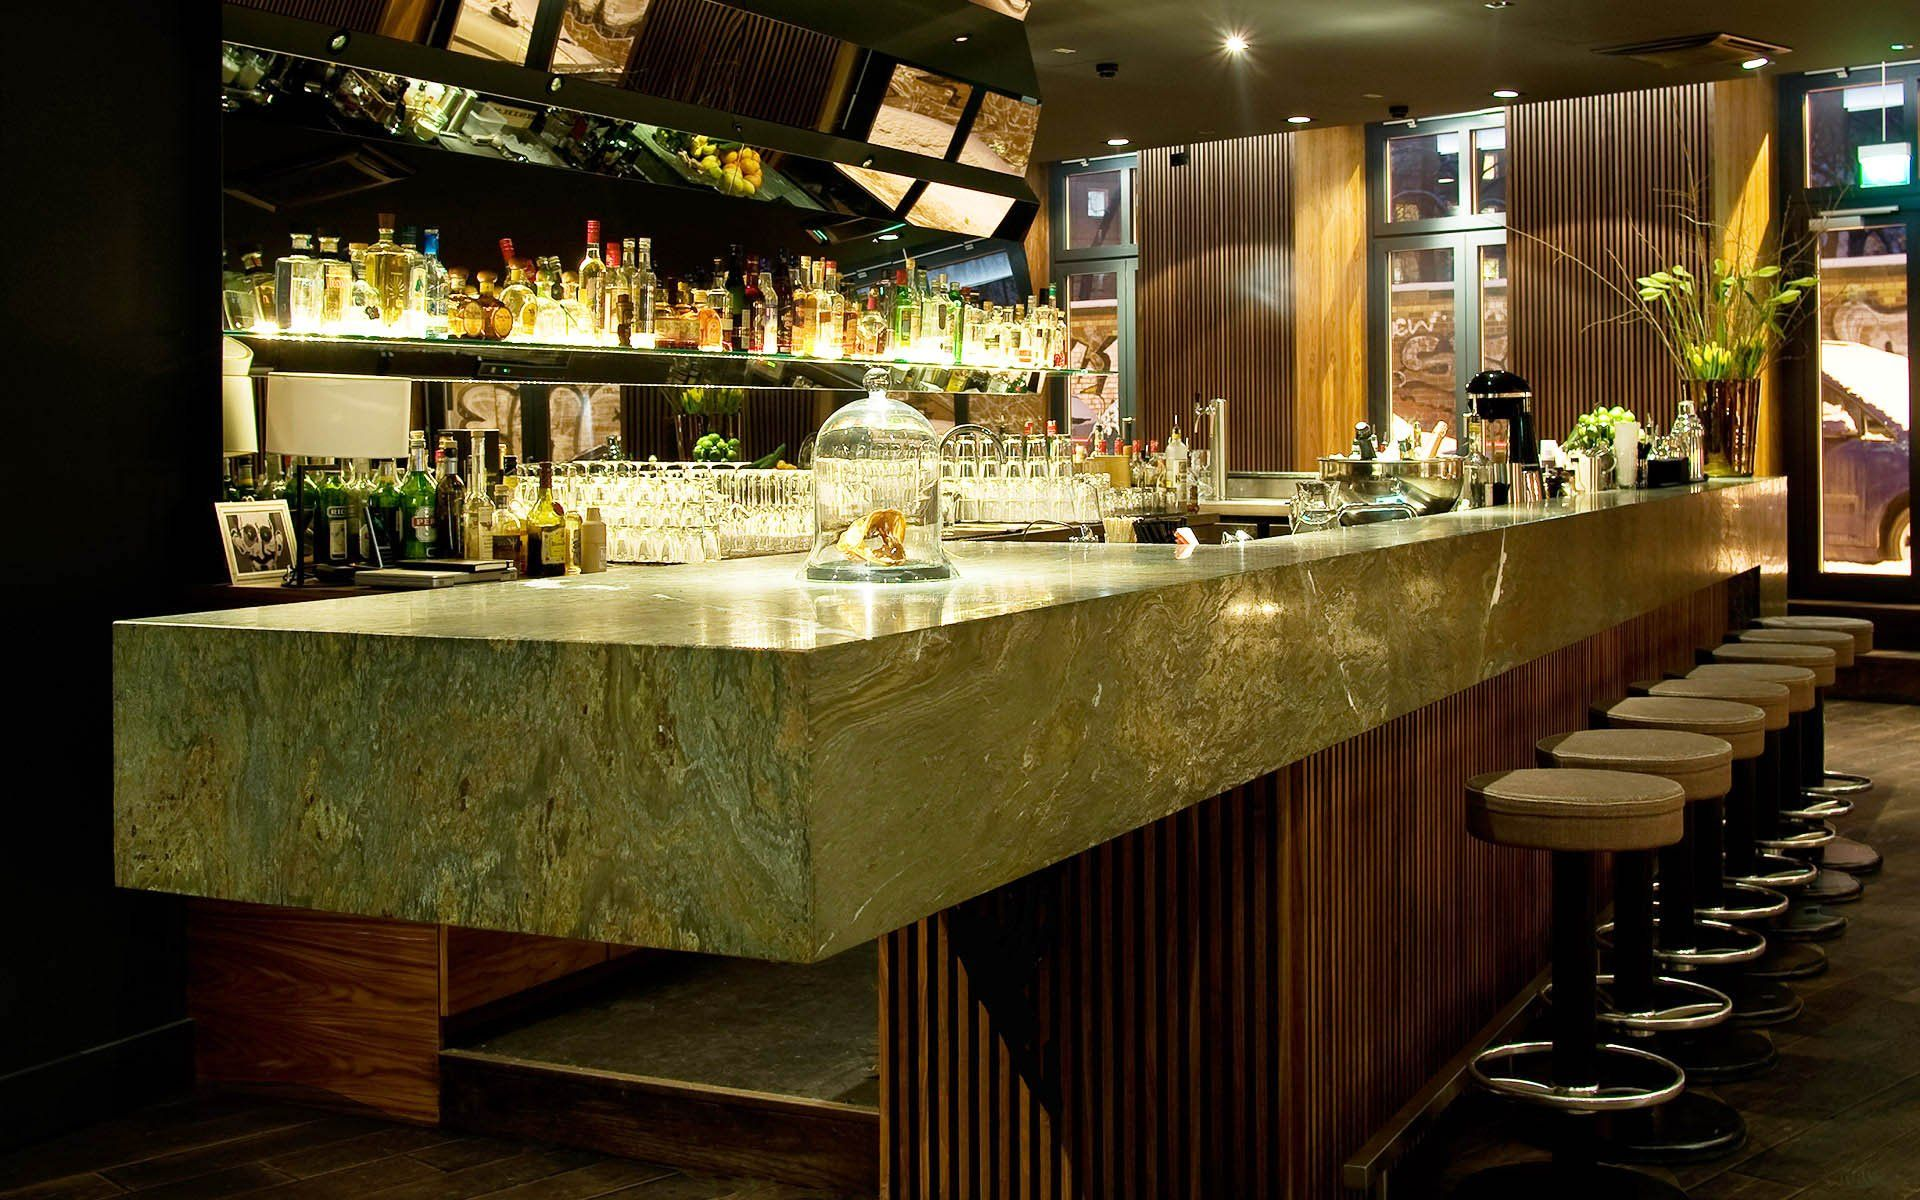 特色酒吧吧台酒架设计图片图片